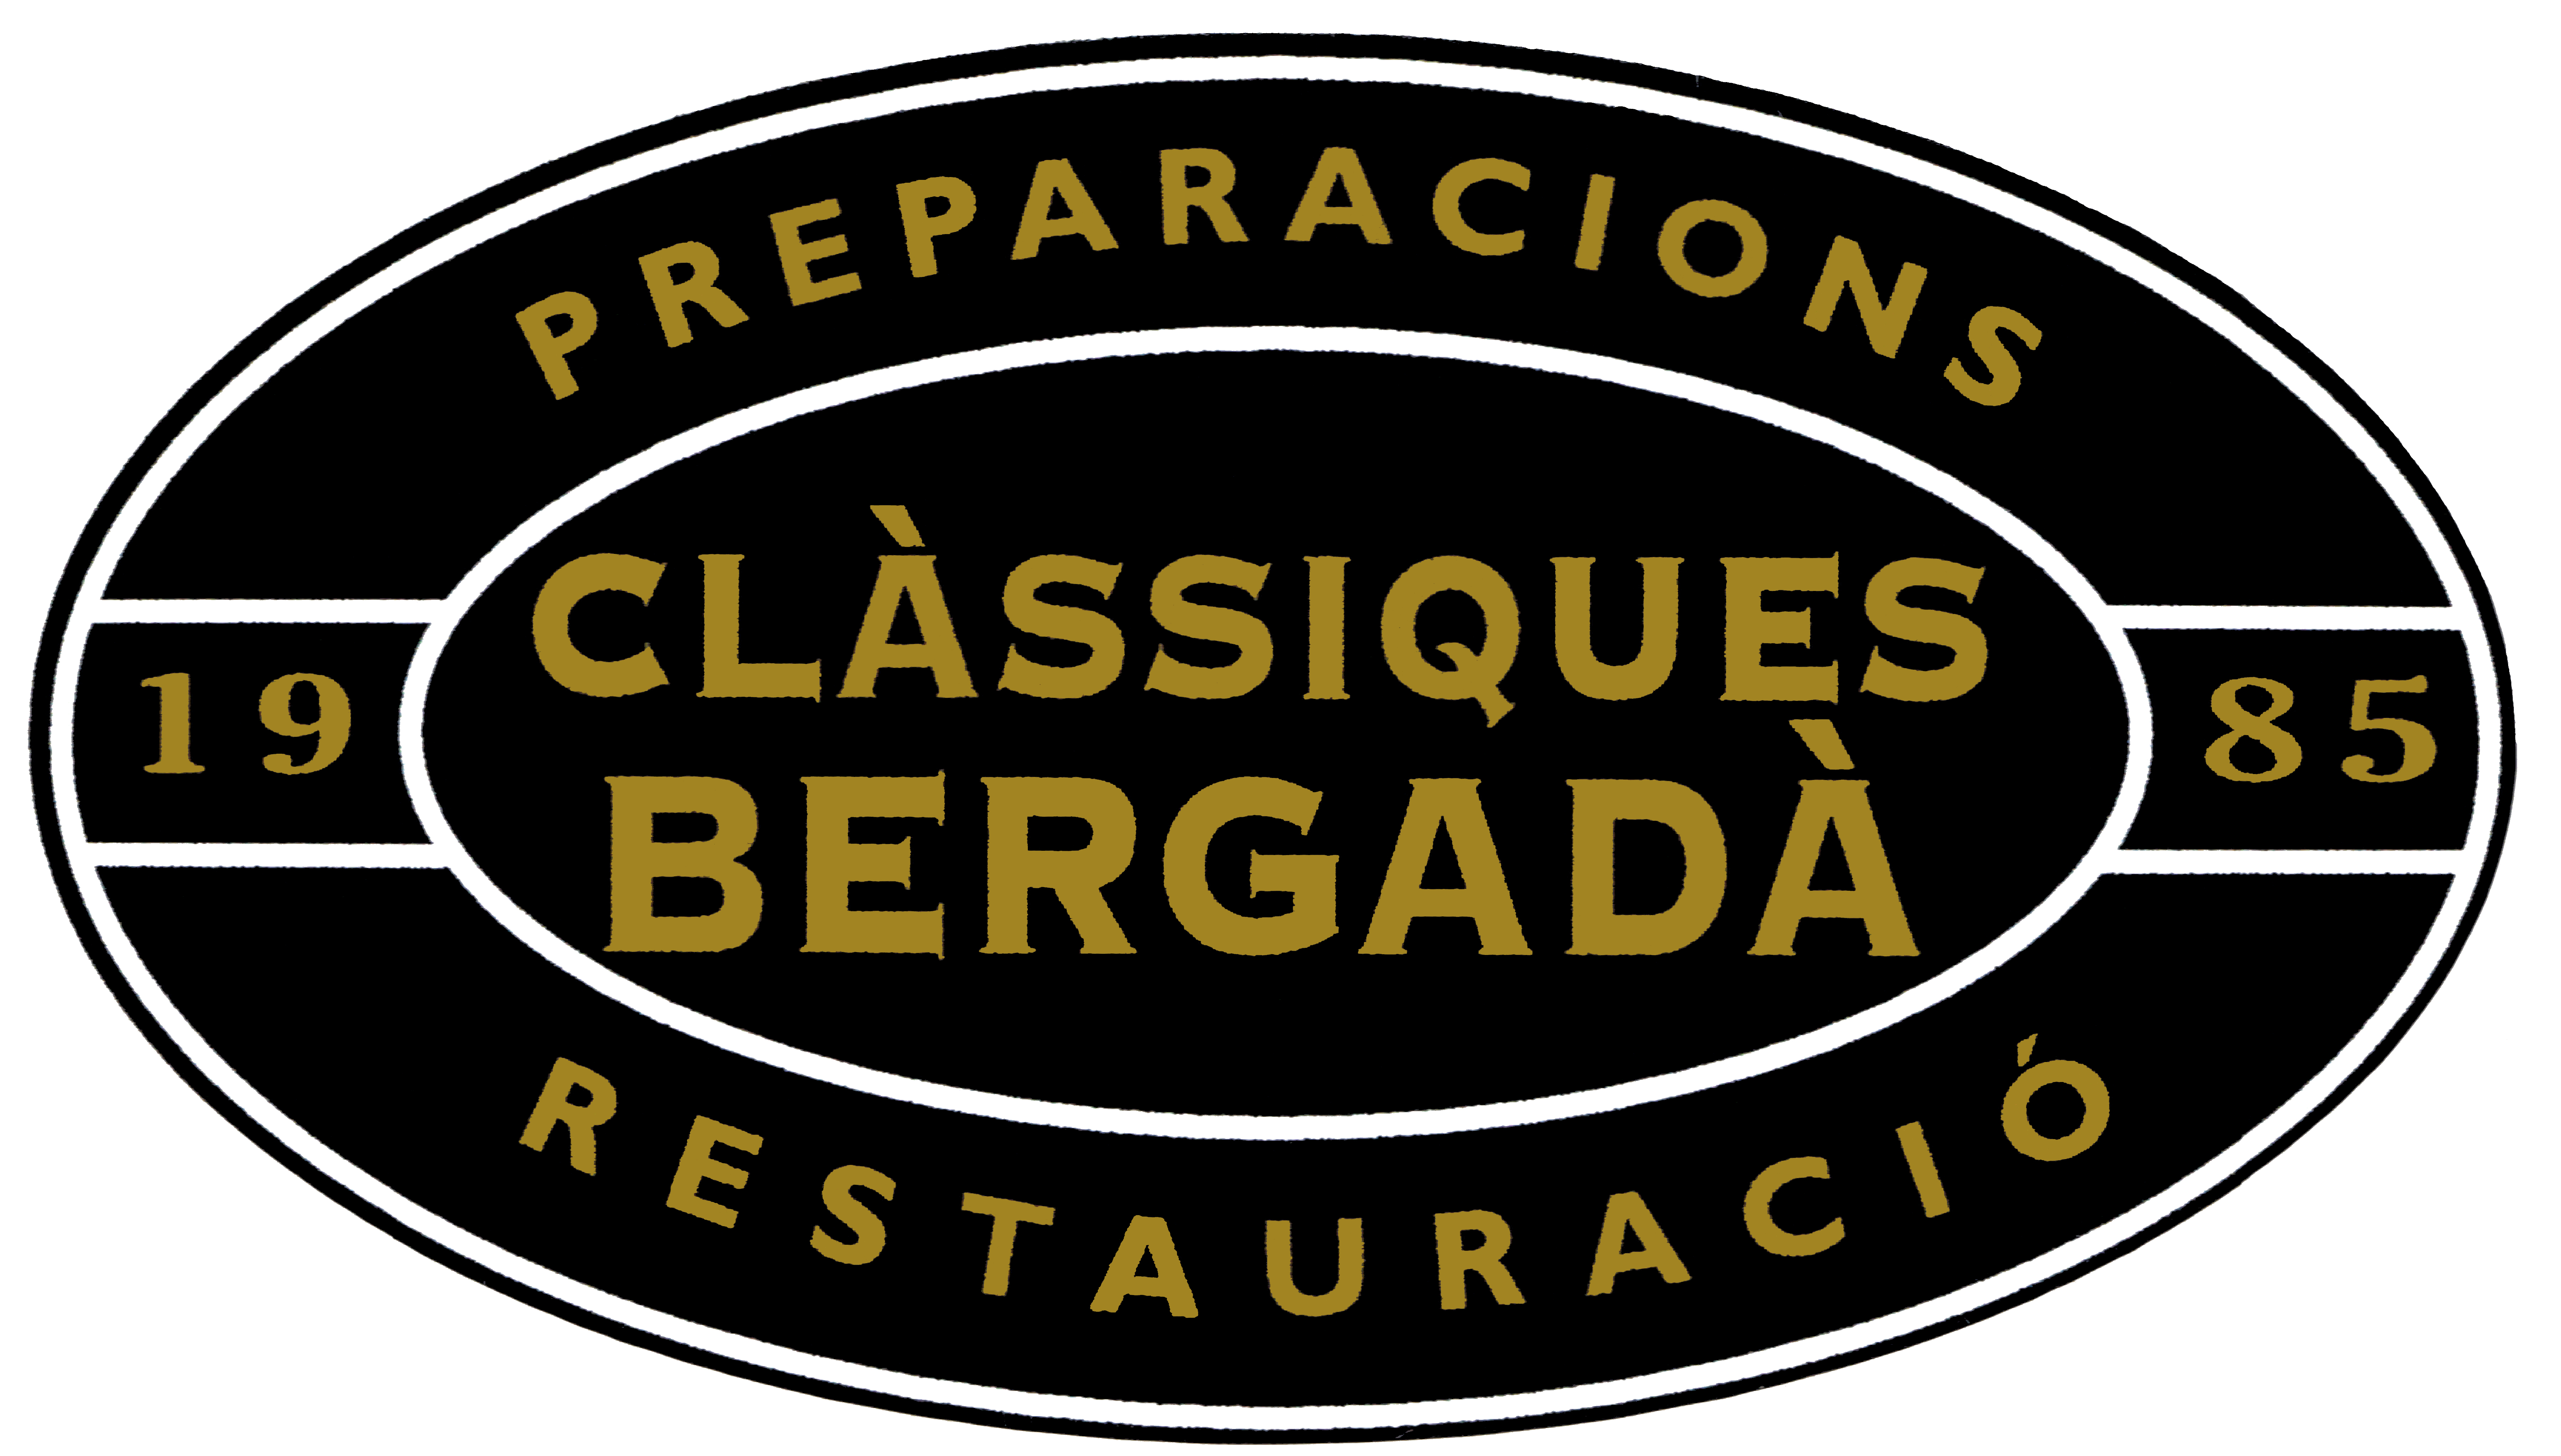 Classiques Bergada2